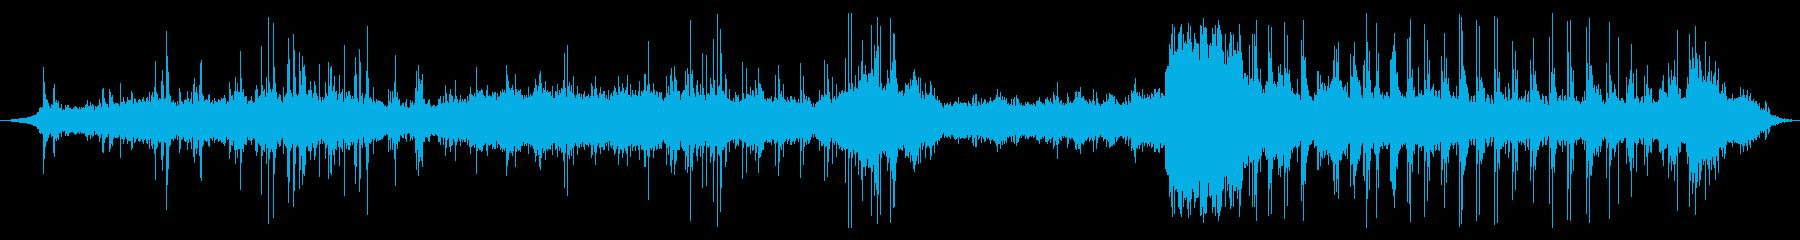 Steamトレイン:Ext:オンボ...の再生済みの波形